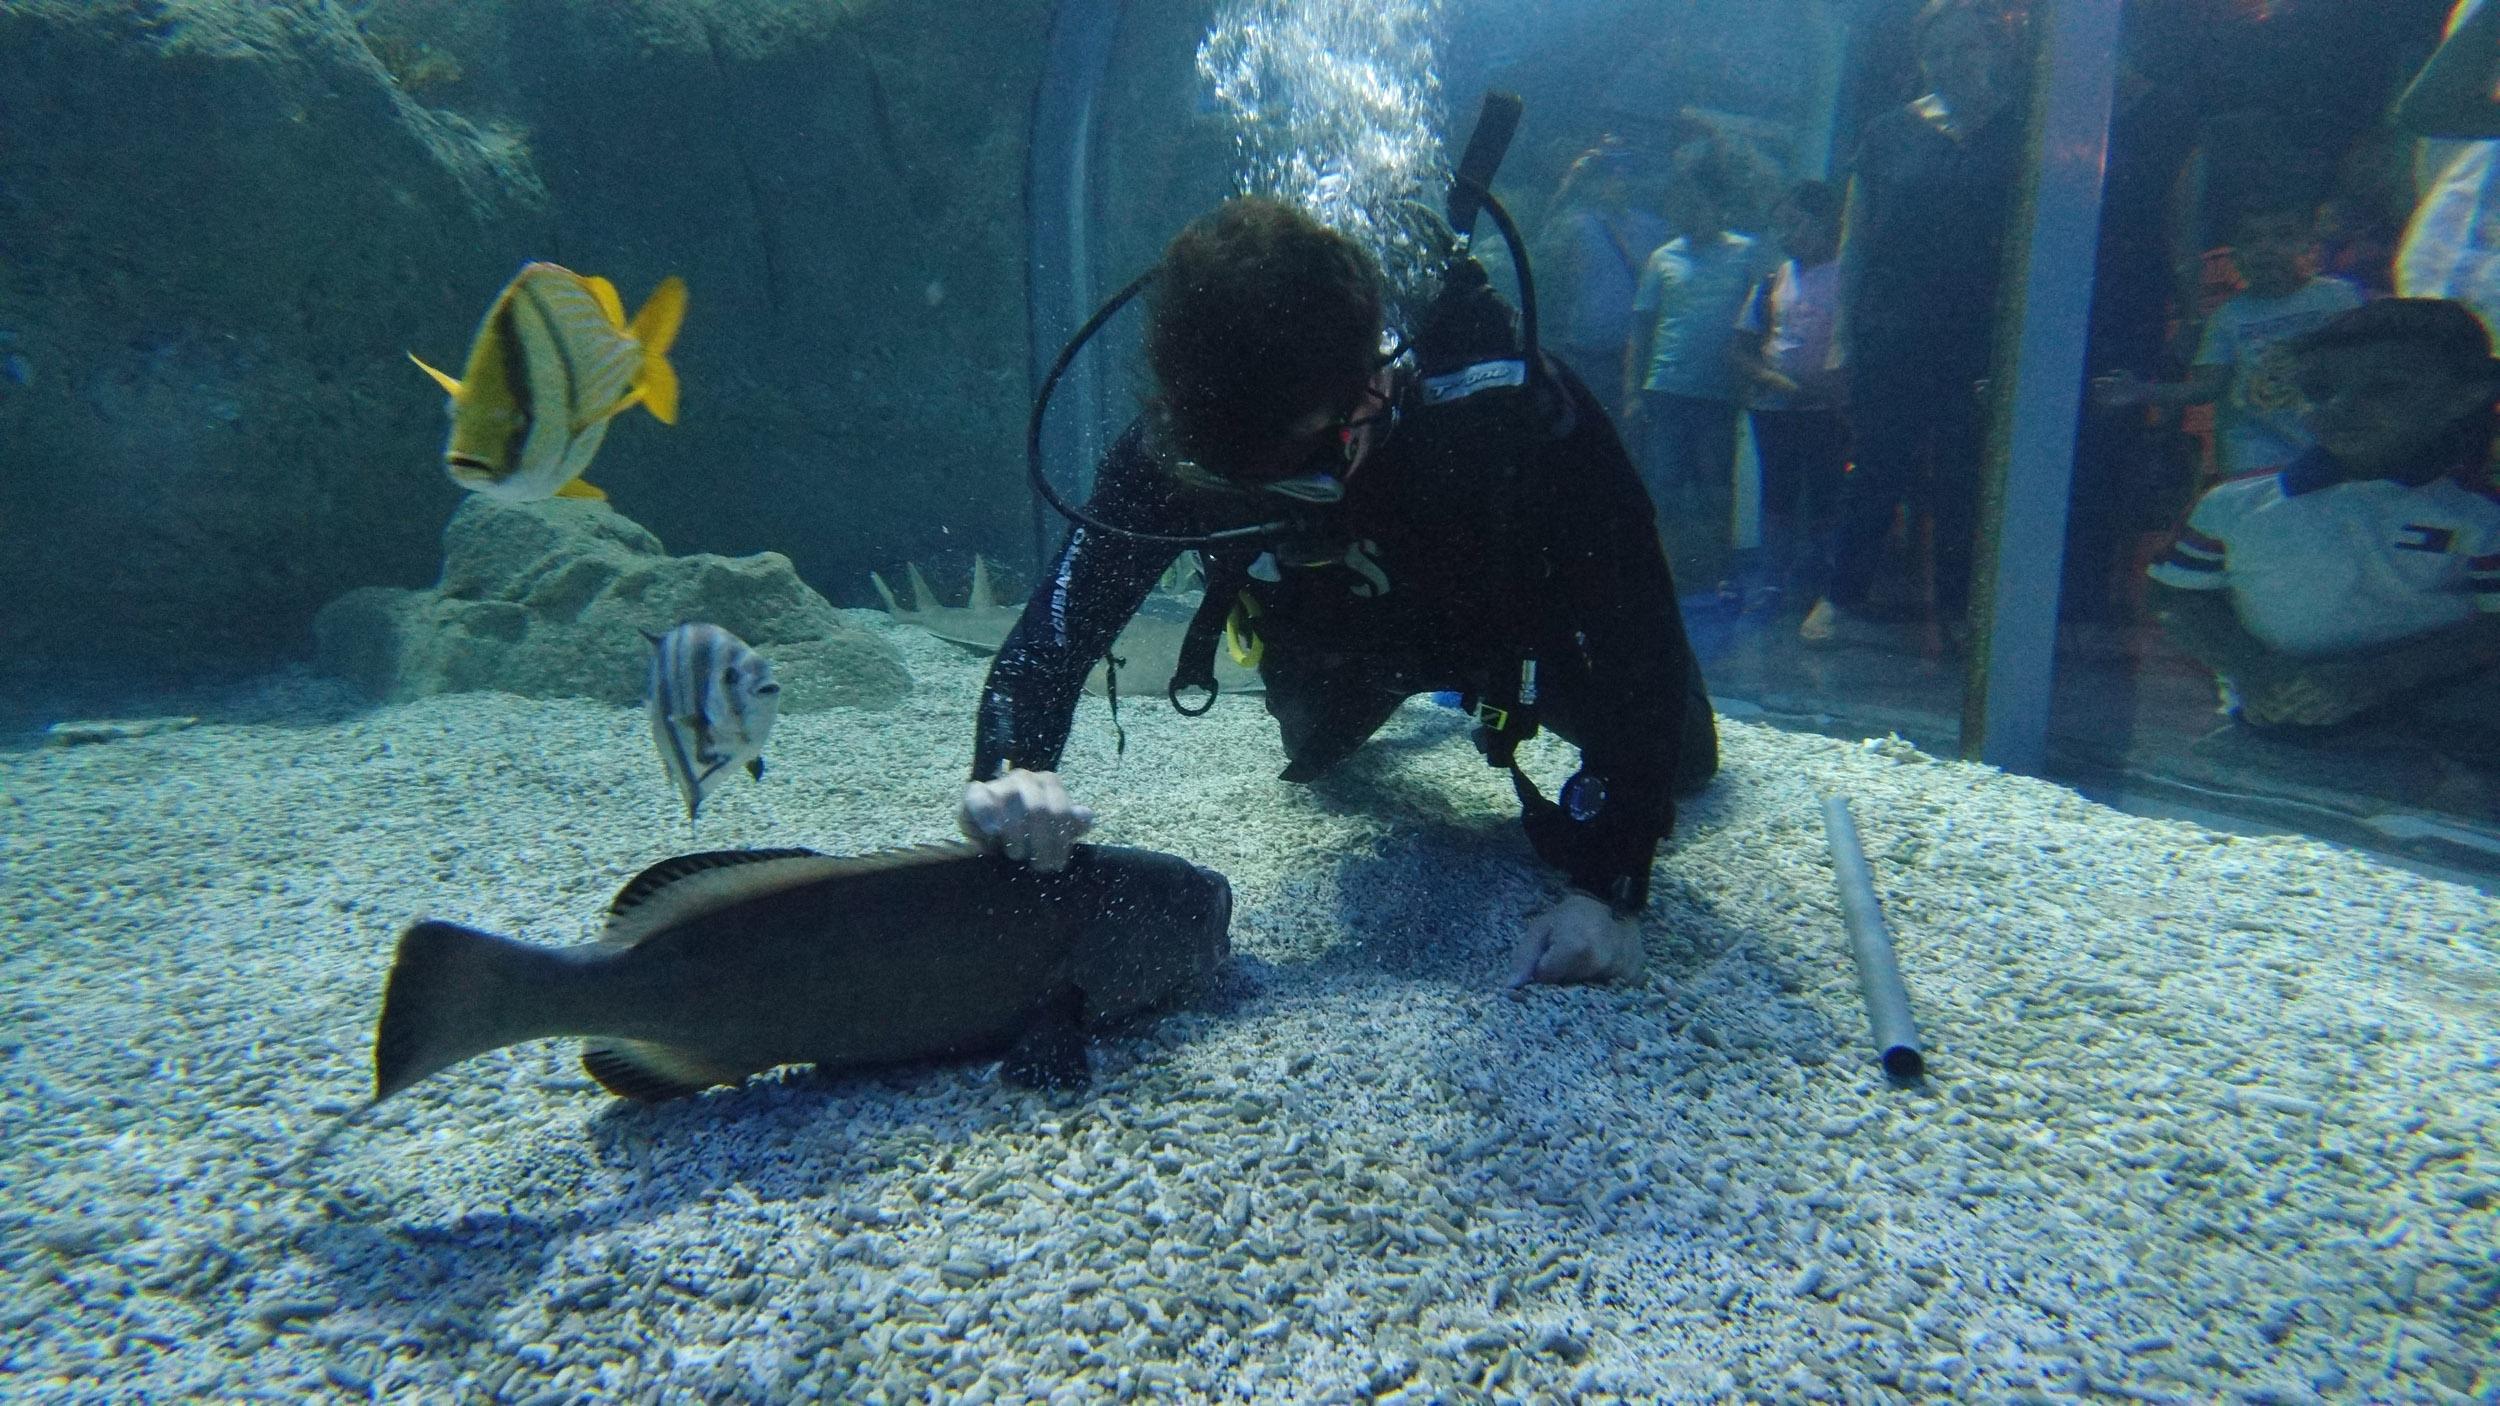 stanbul'da Köpek balıklarıyla ile dalış keyfi